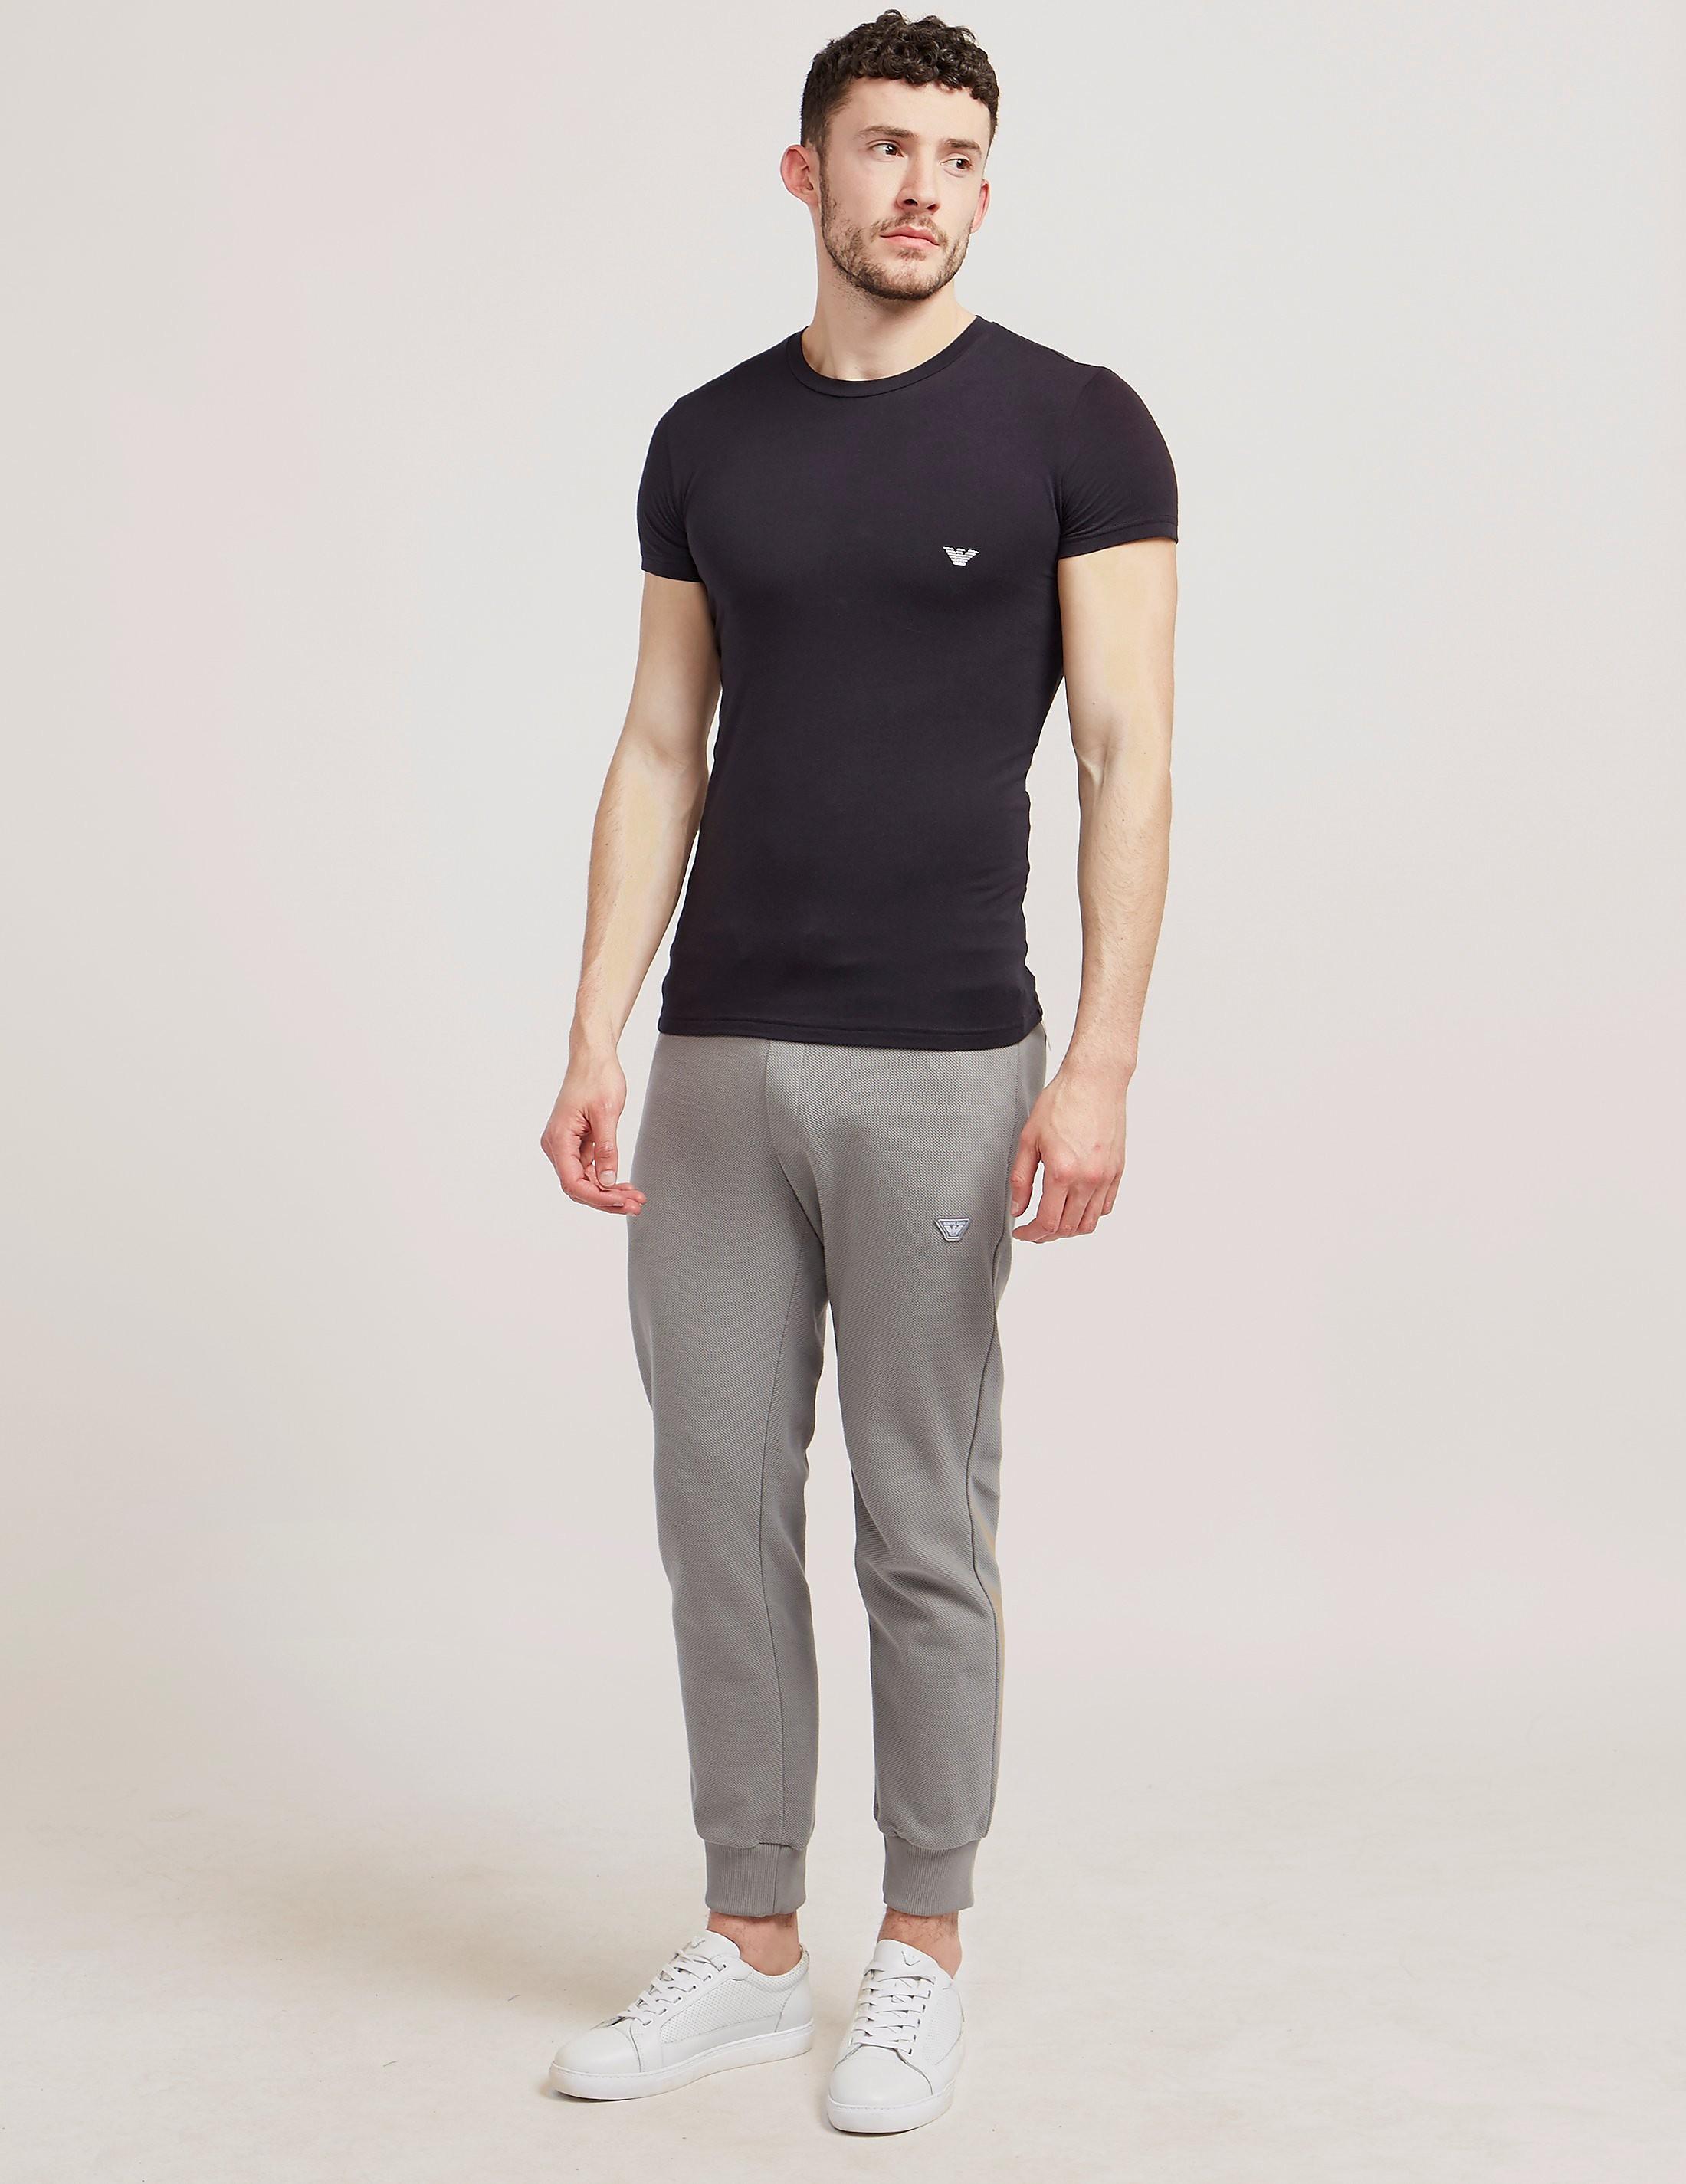 Armani Jeans Pique Sweatpants